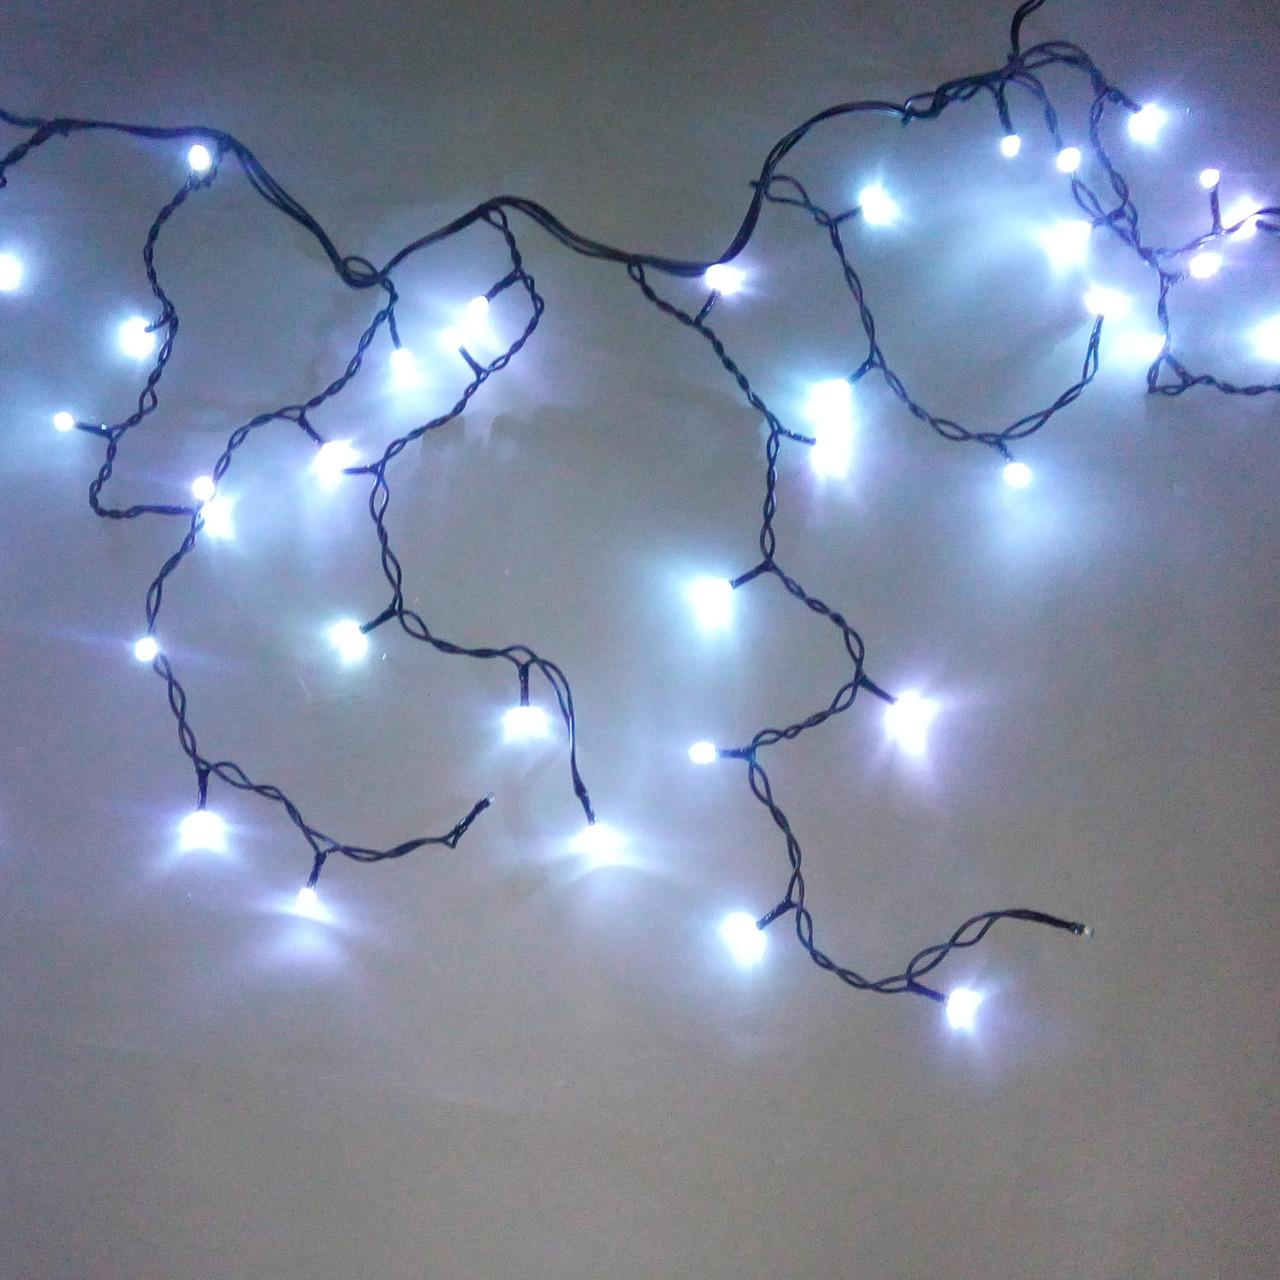 Светодиодная гирлянда Бахрома Flash, 3х0.6 м, 2,2мм Теплый Белый/Черный Каучук